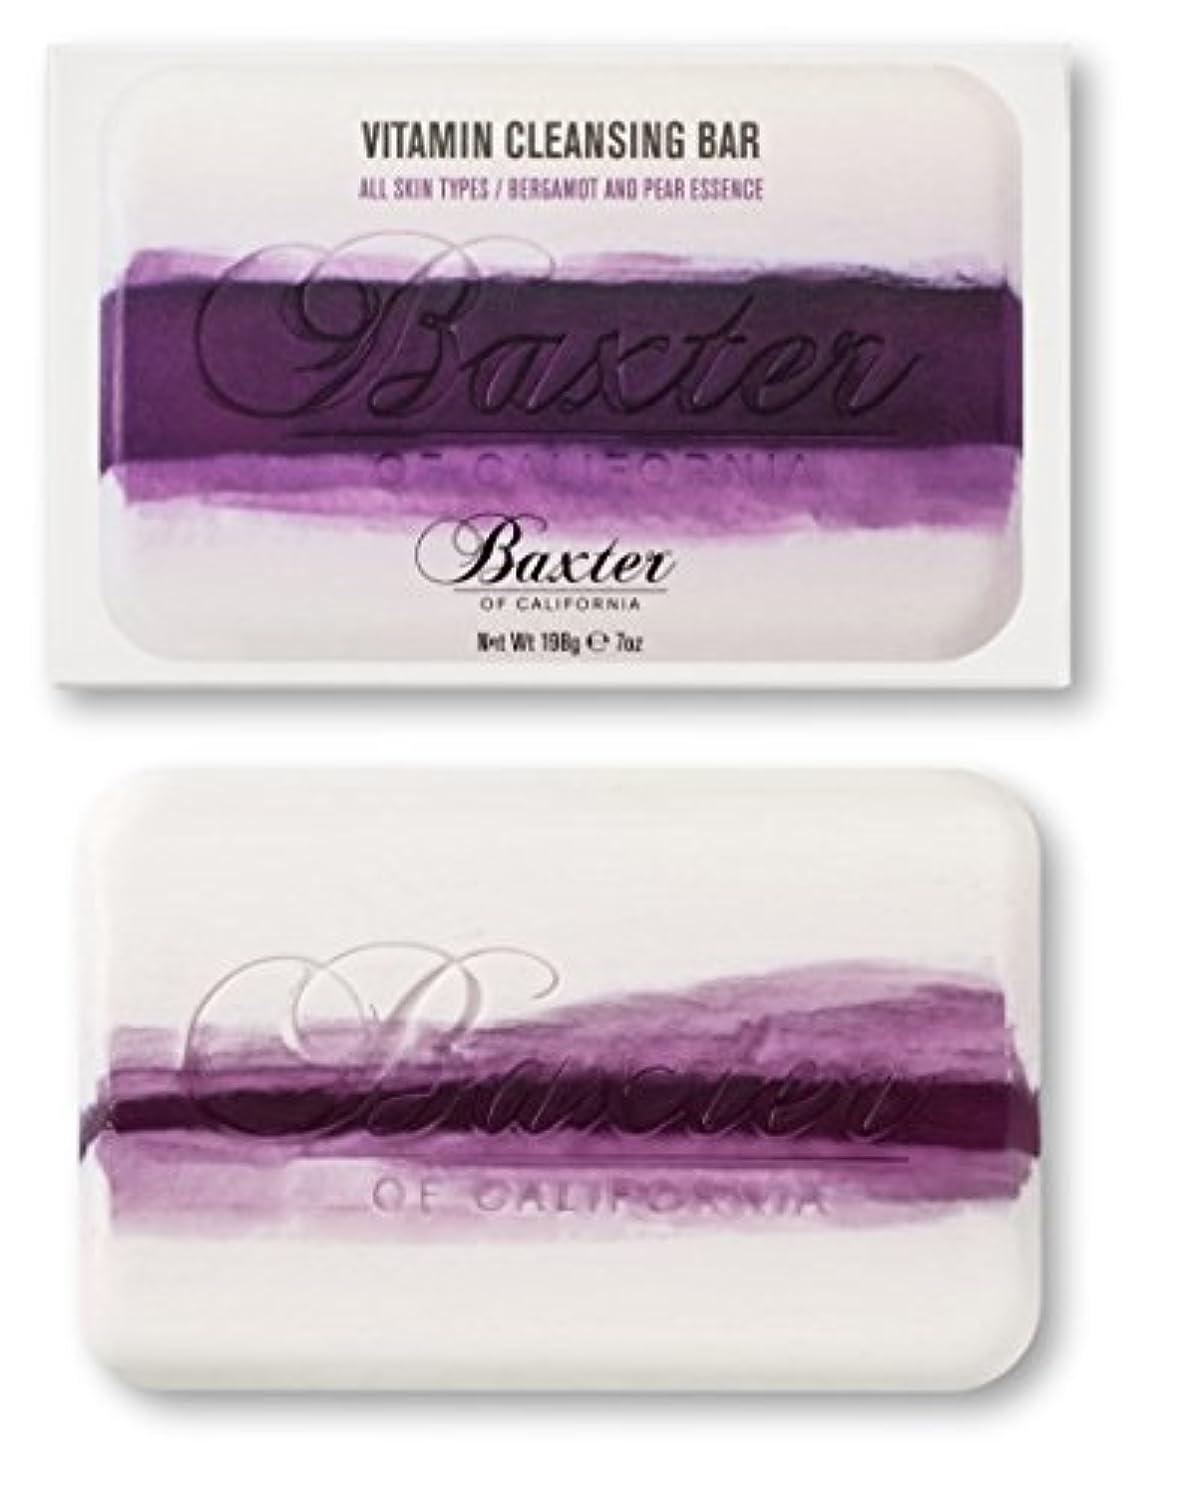 パウダーめ言葉項目Baxter OF CALIFORNIA(バクスター オブ カリフォルニア) ビタミンクレンジングバー ベルガモット&ペアー 198g